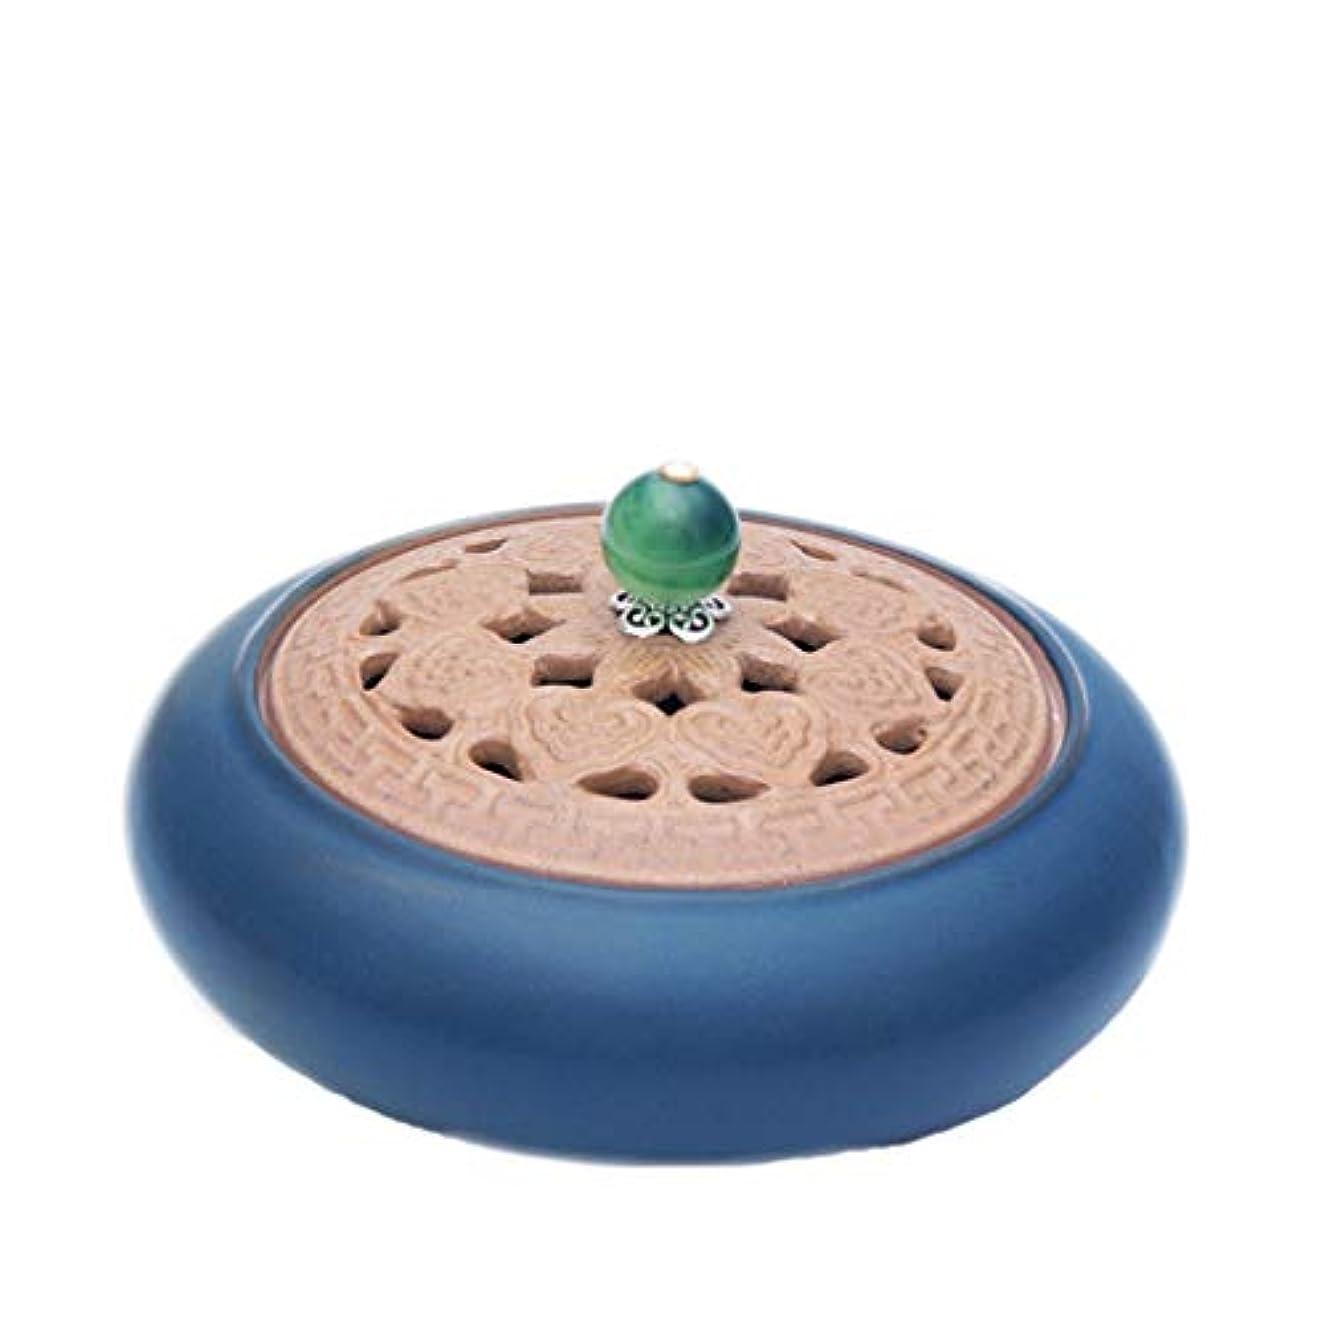 芳香器?アロマバーナー アンティークセラミック小さな香バーナーホームインドアガーウッドハース香純粋な銅白檀炉アロマテラピー炉 アロマバーナー (Color : Green)